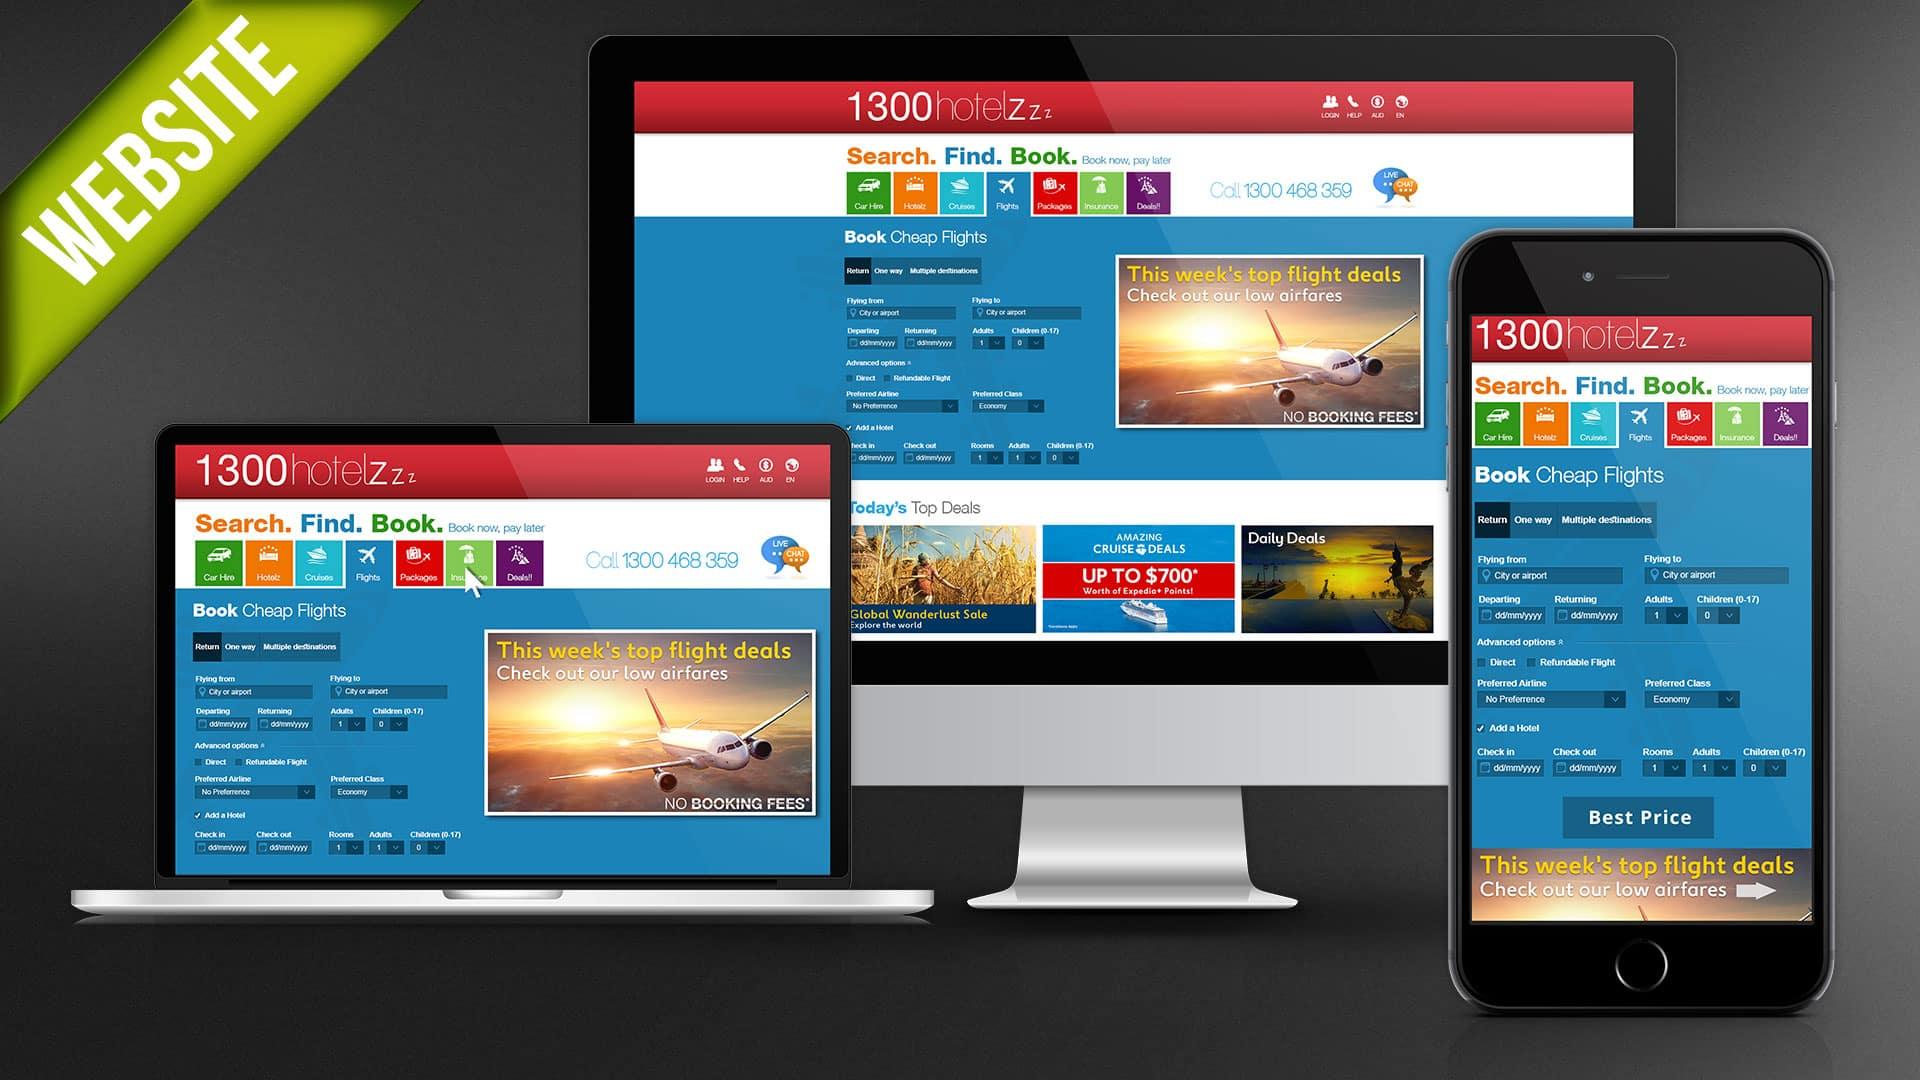 1300-Hotelz website